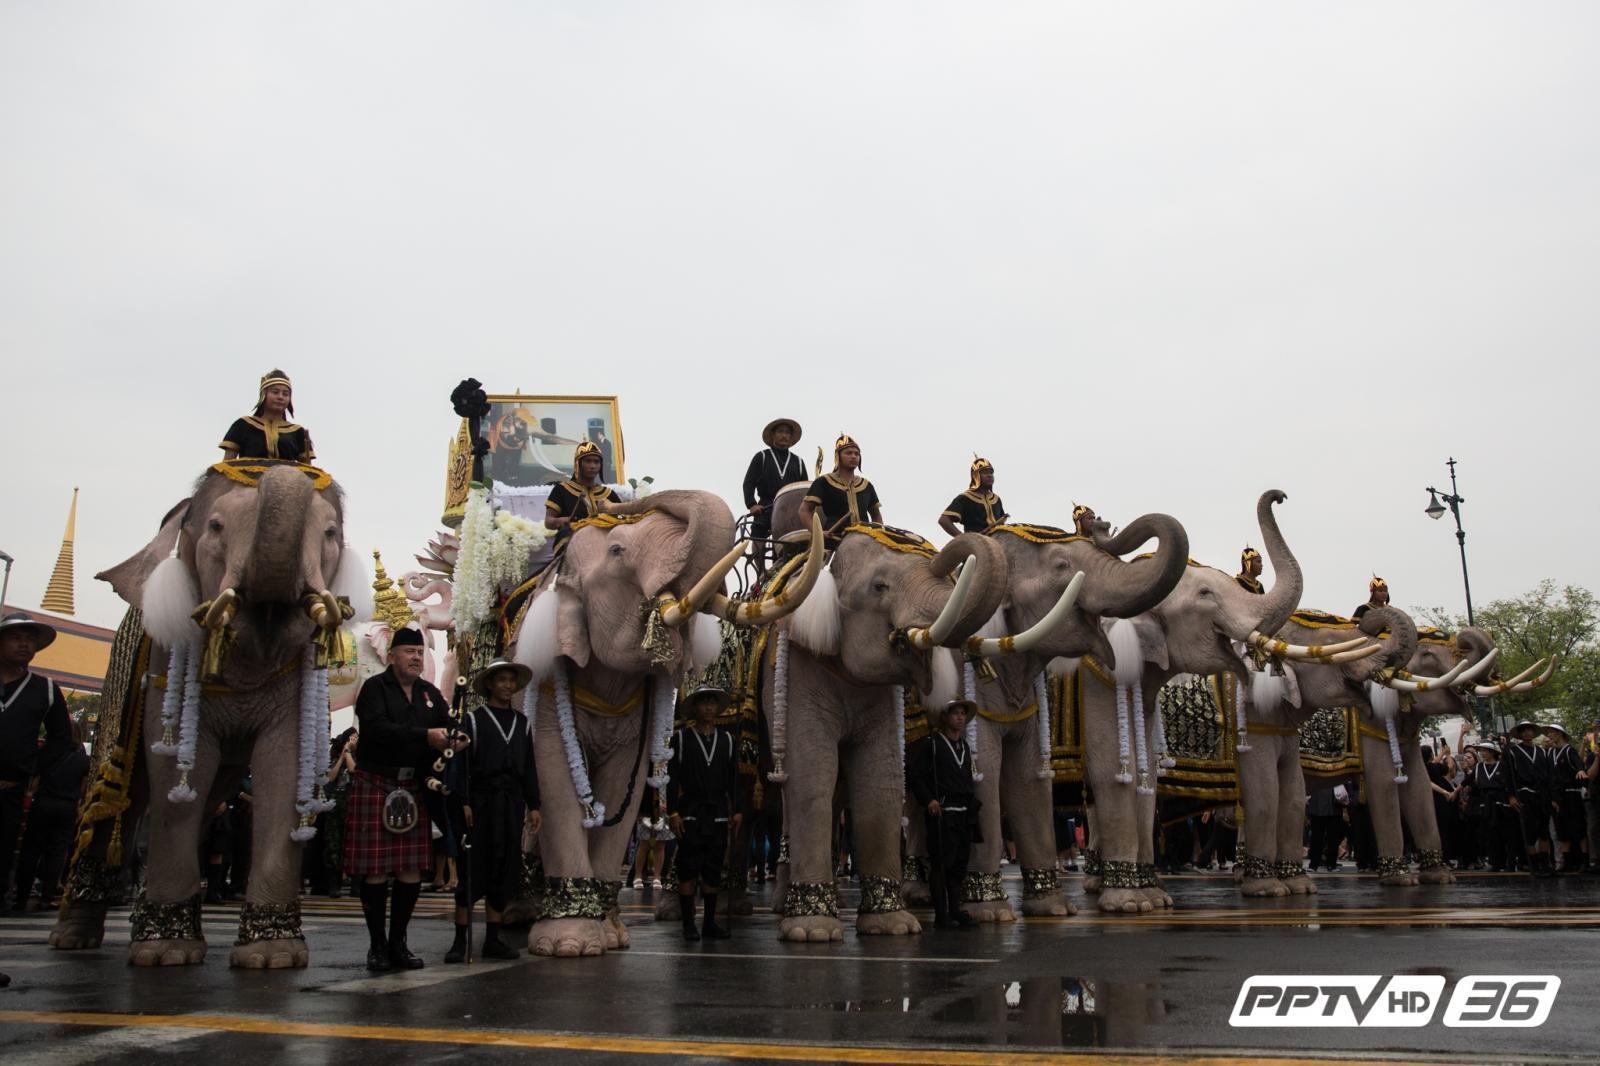 มูลนิธิพระคชบาลนำช้าง 11 เชือกเข้าถวายอาลัย (คลิป)